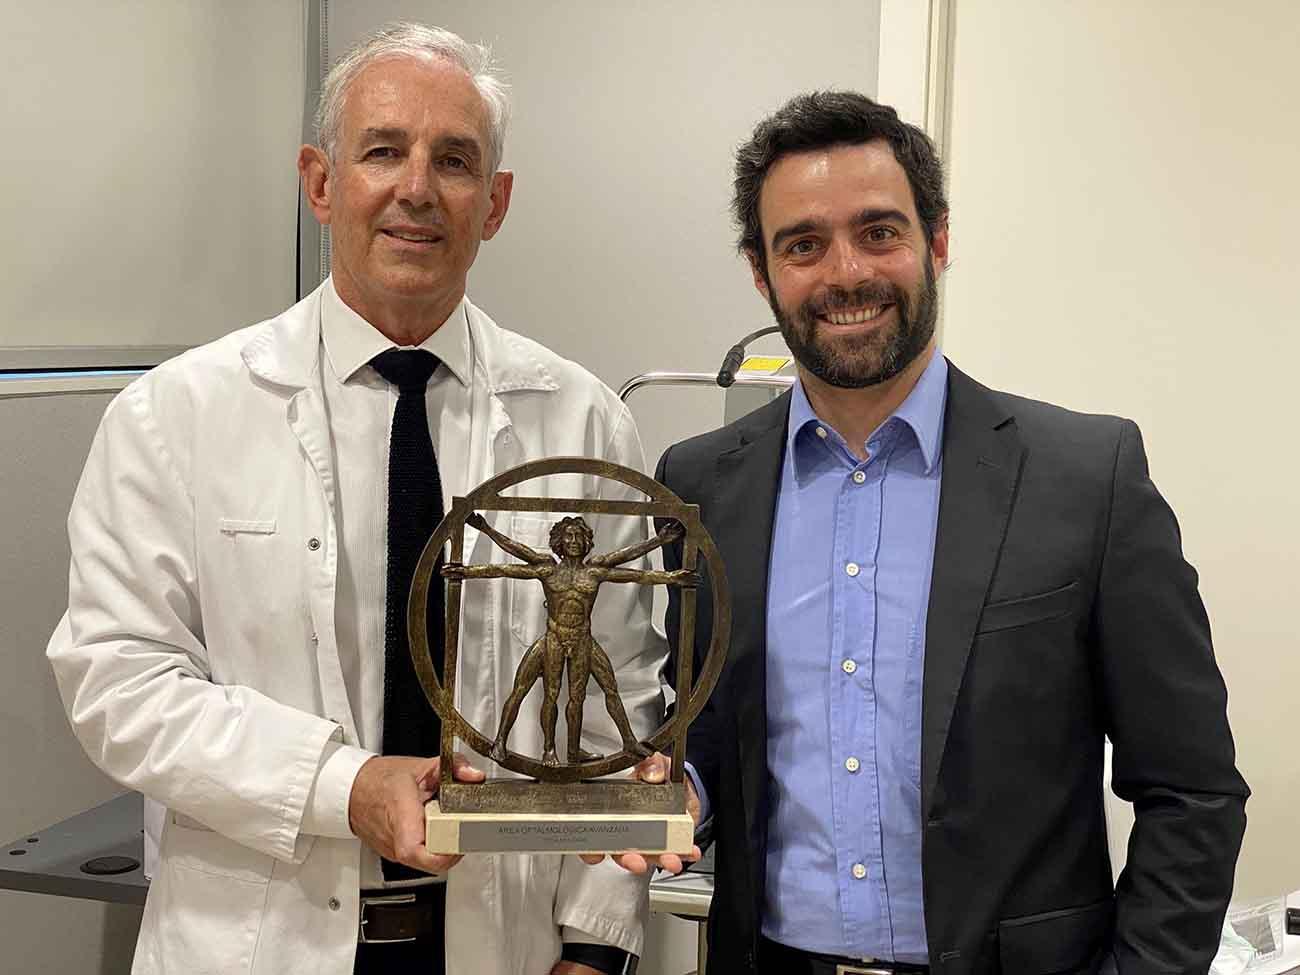 Área Oftalmológica Avanzada gana el premio nacional de medicina en oftalmología en los premios siglo XXI